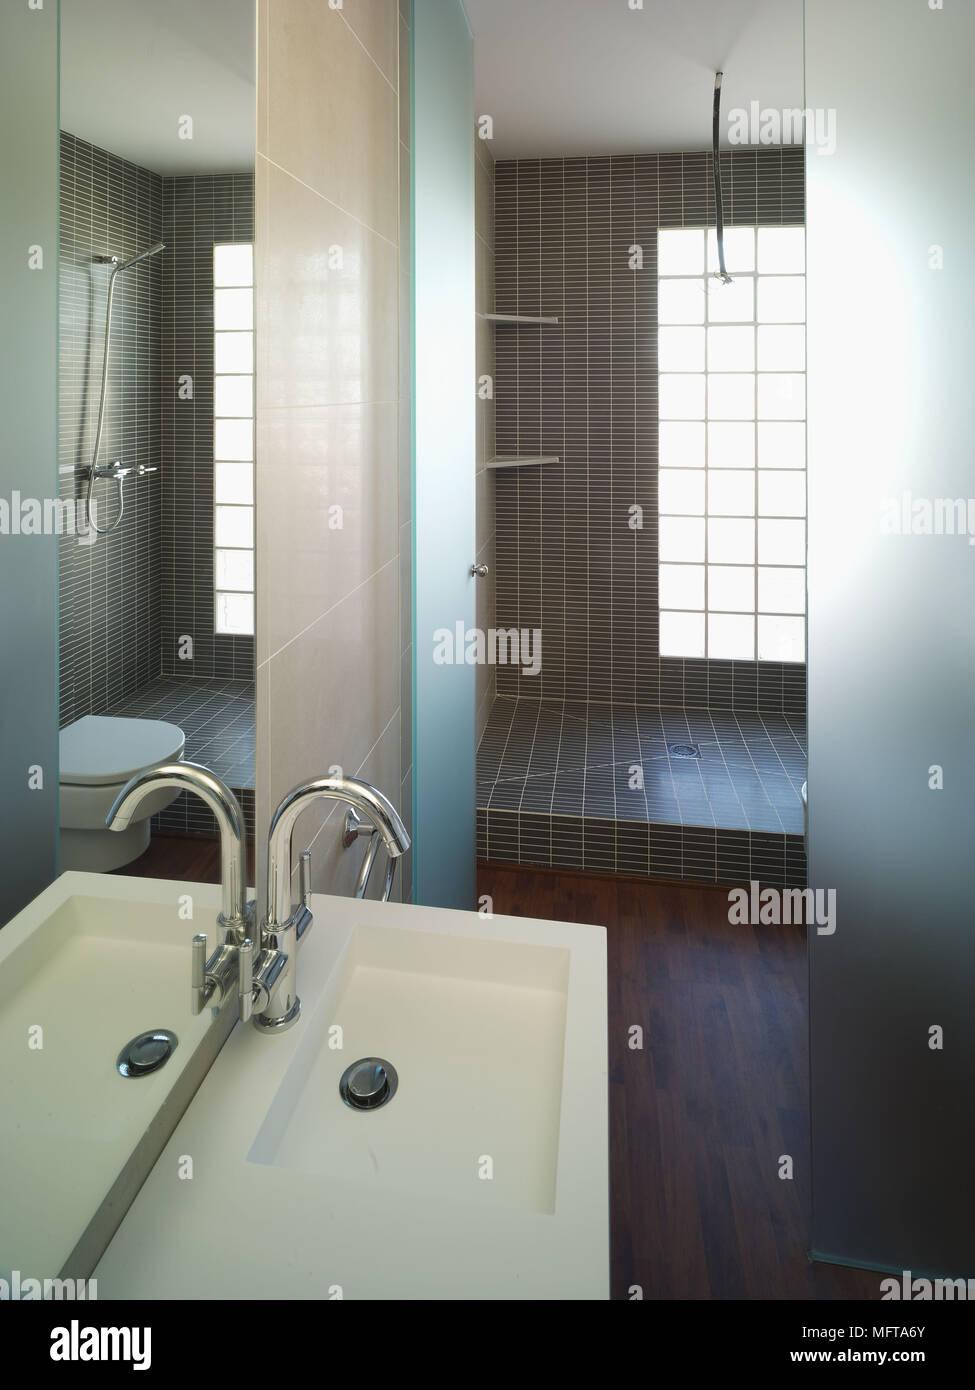 Spiegel über dem Waschbecken im modernen Badezimmer mit Dusche ...